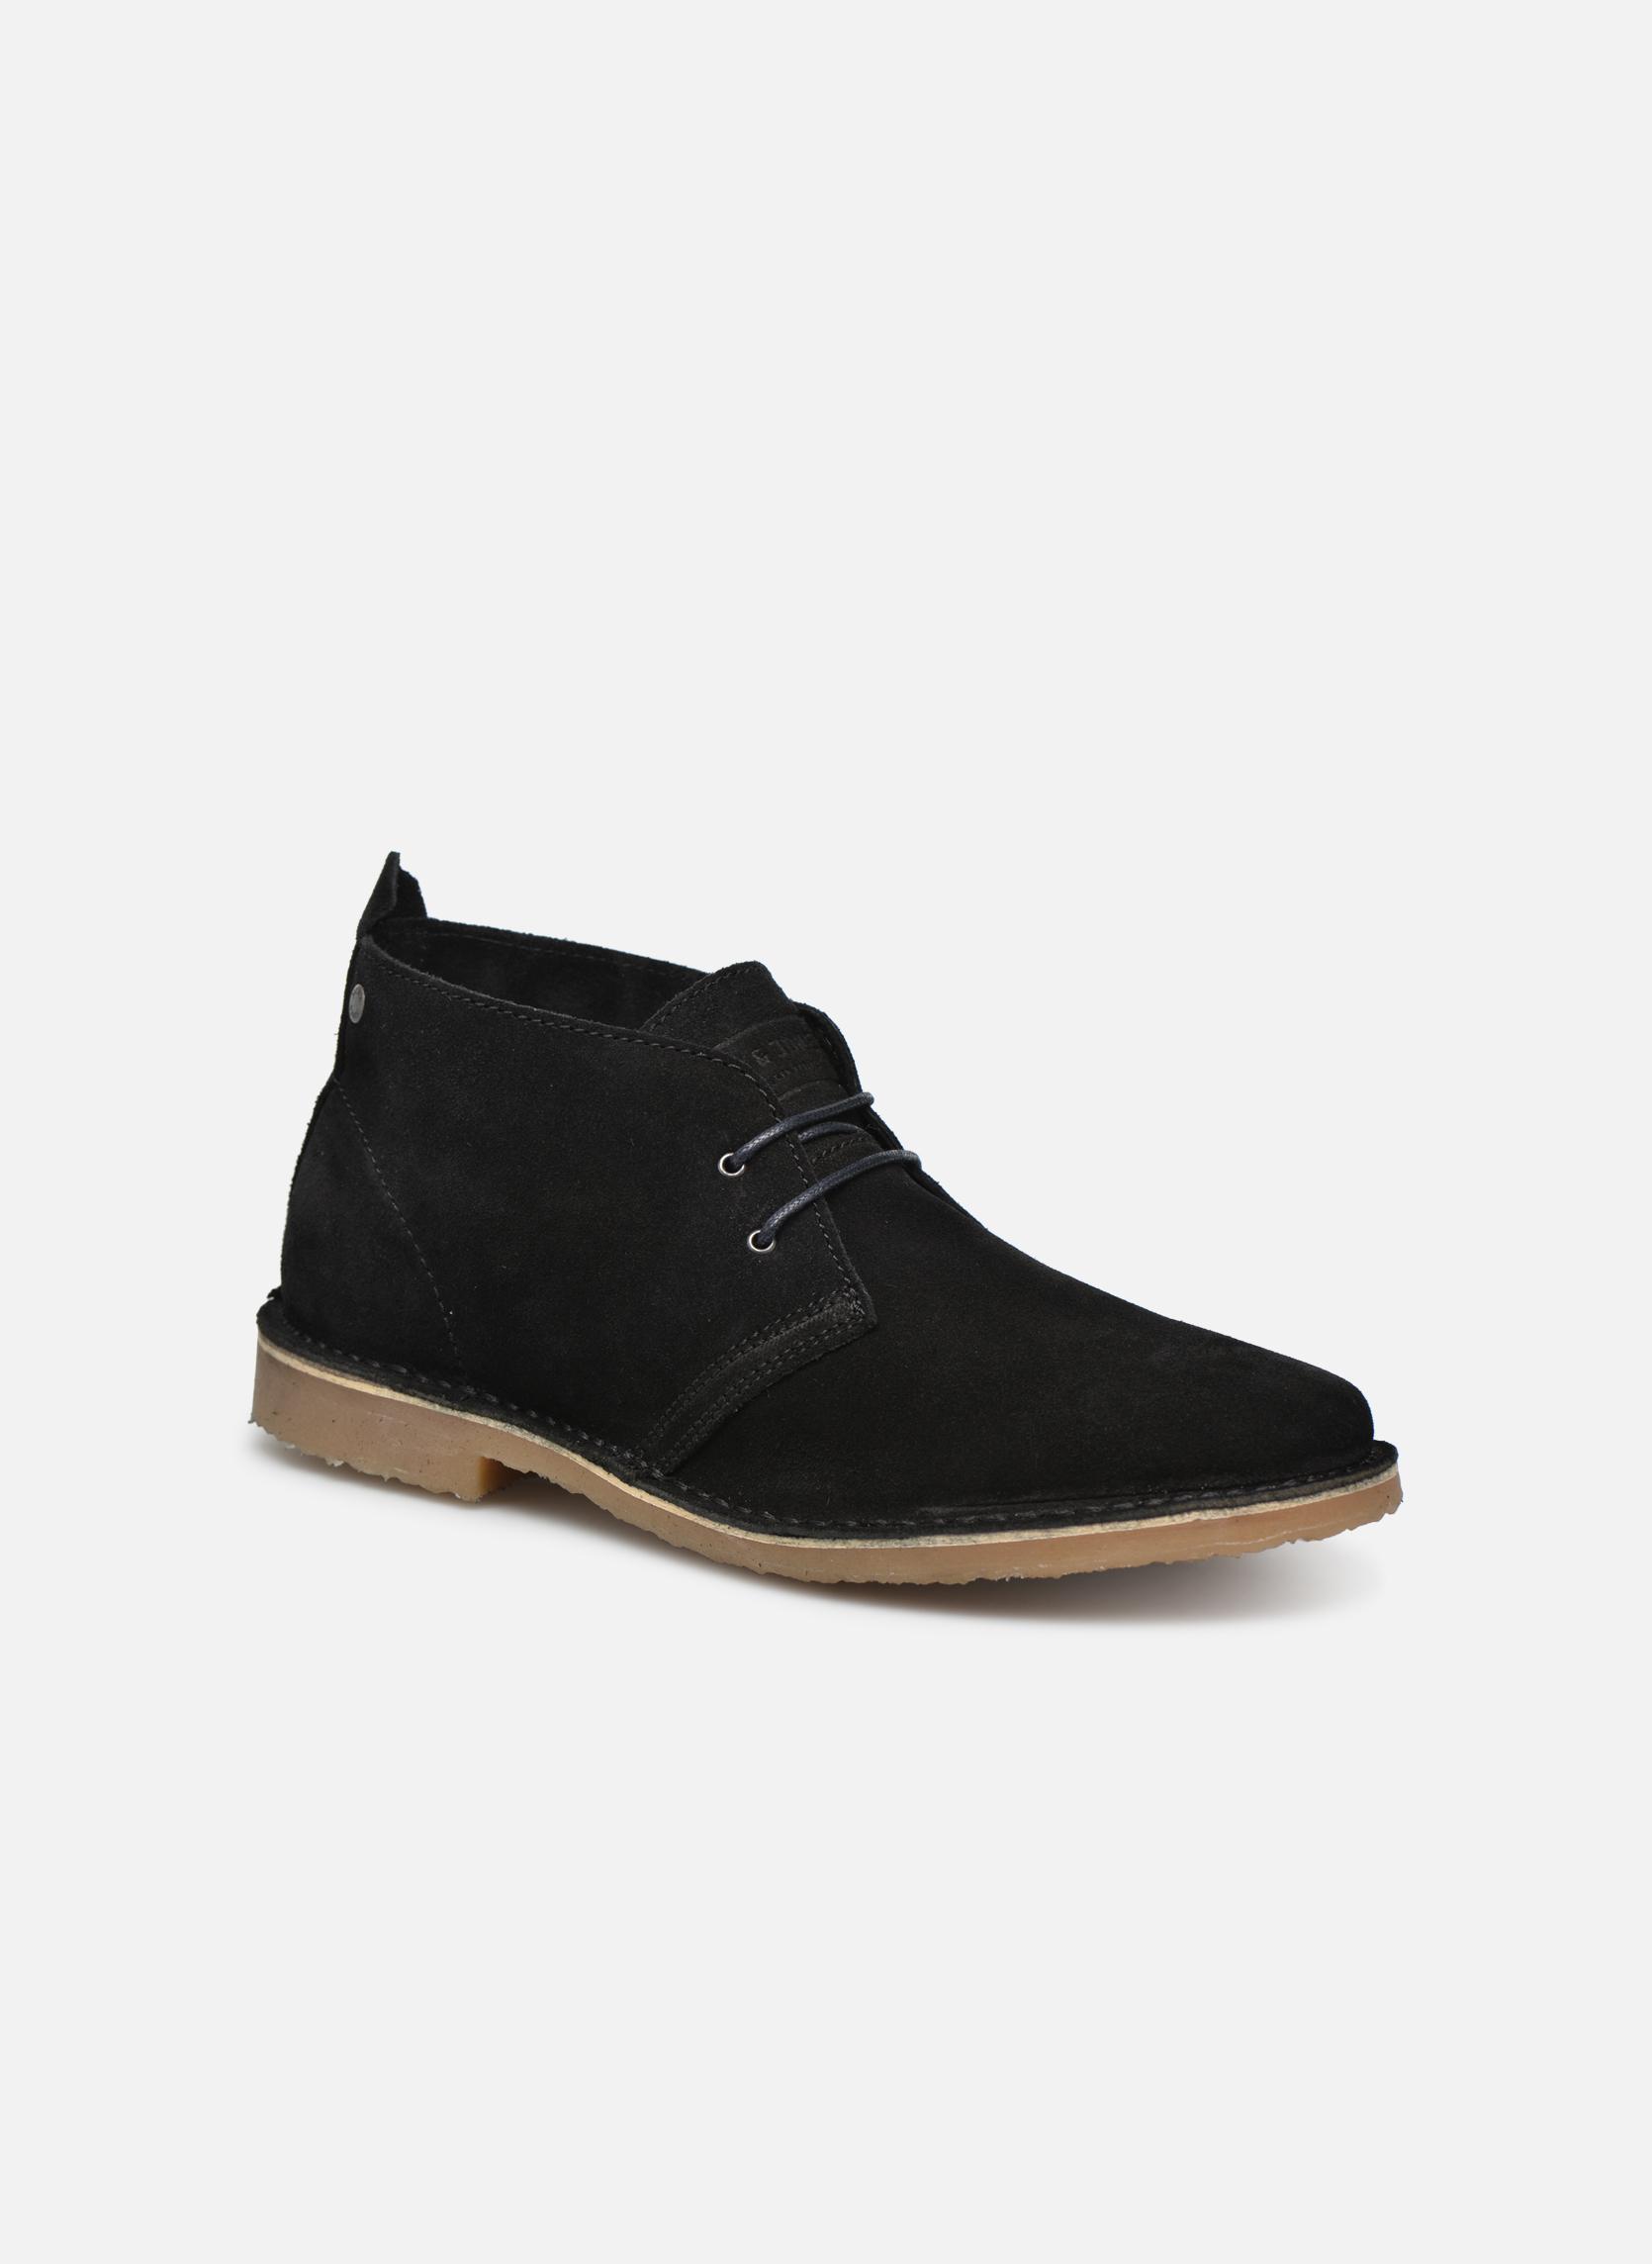 JJ Gobi Suede Desert Boot